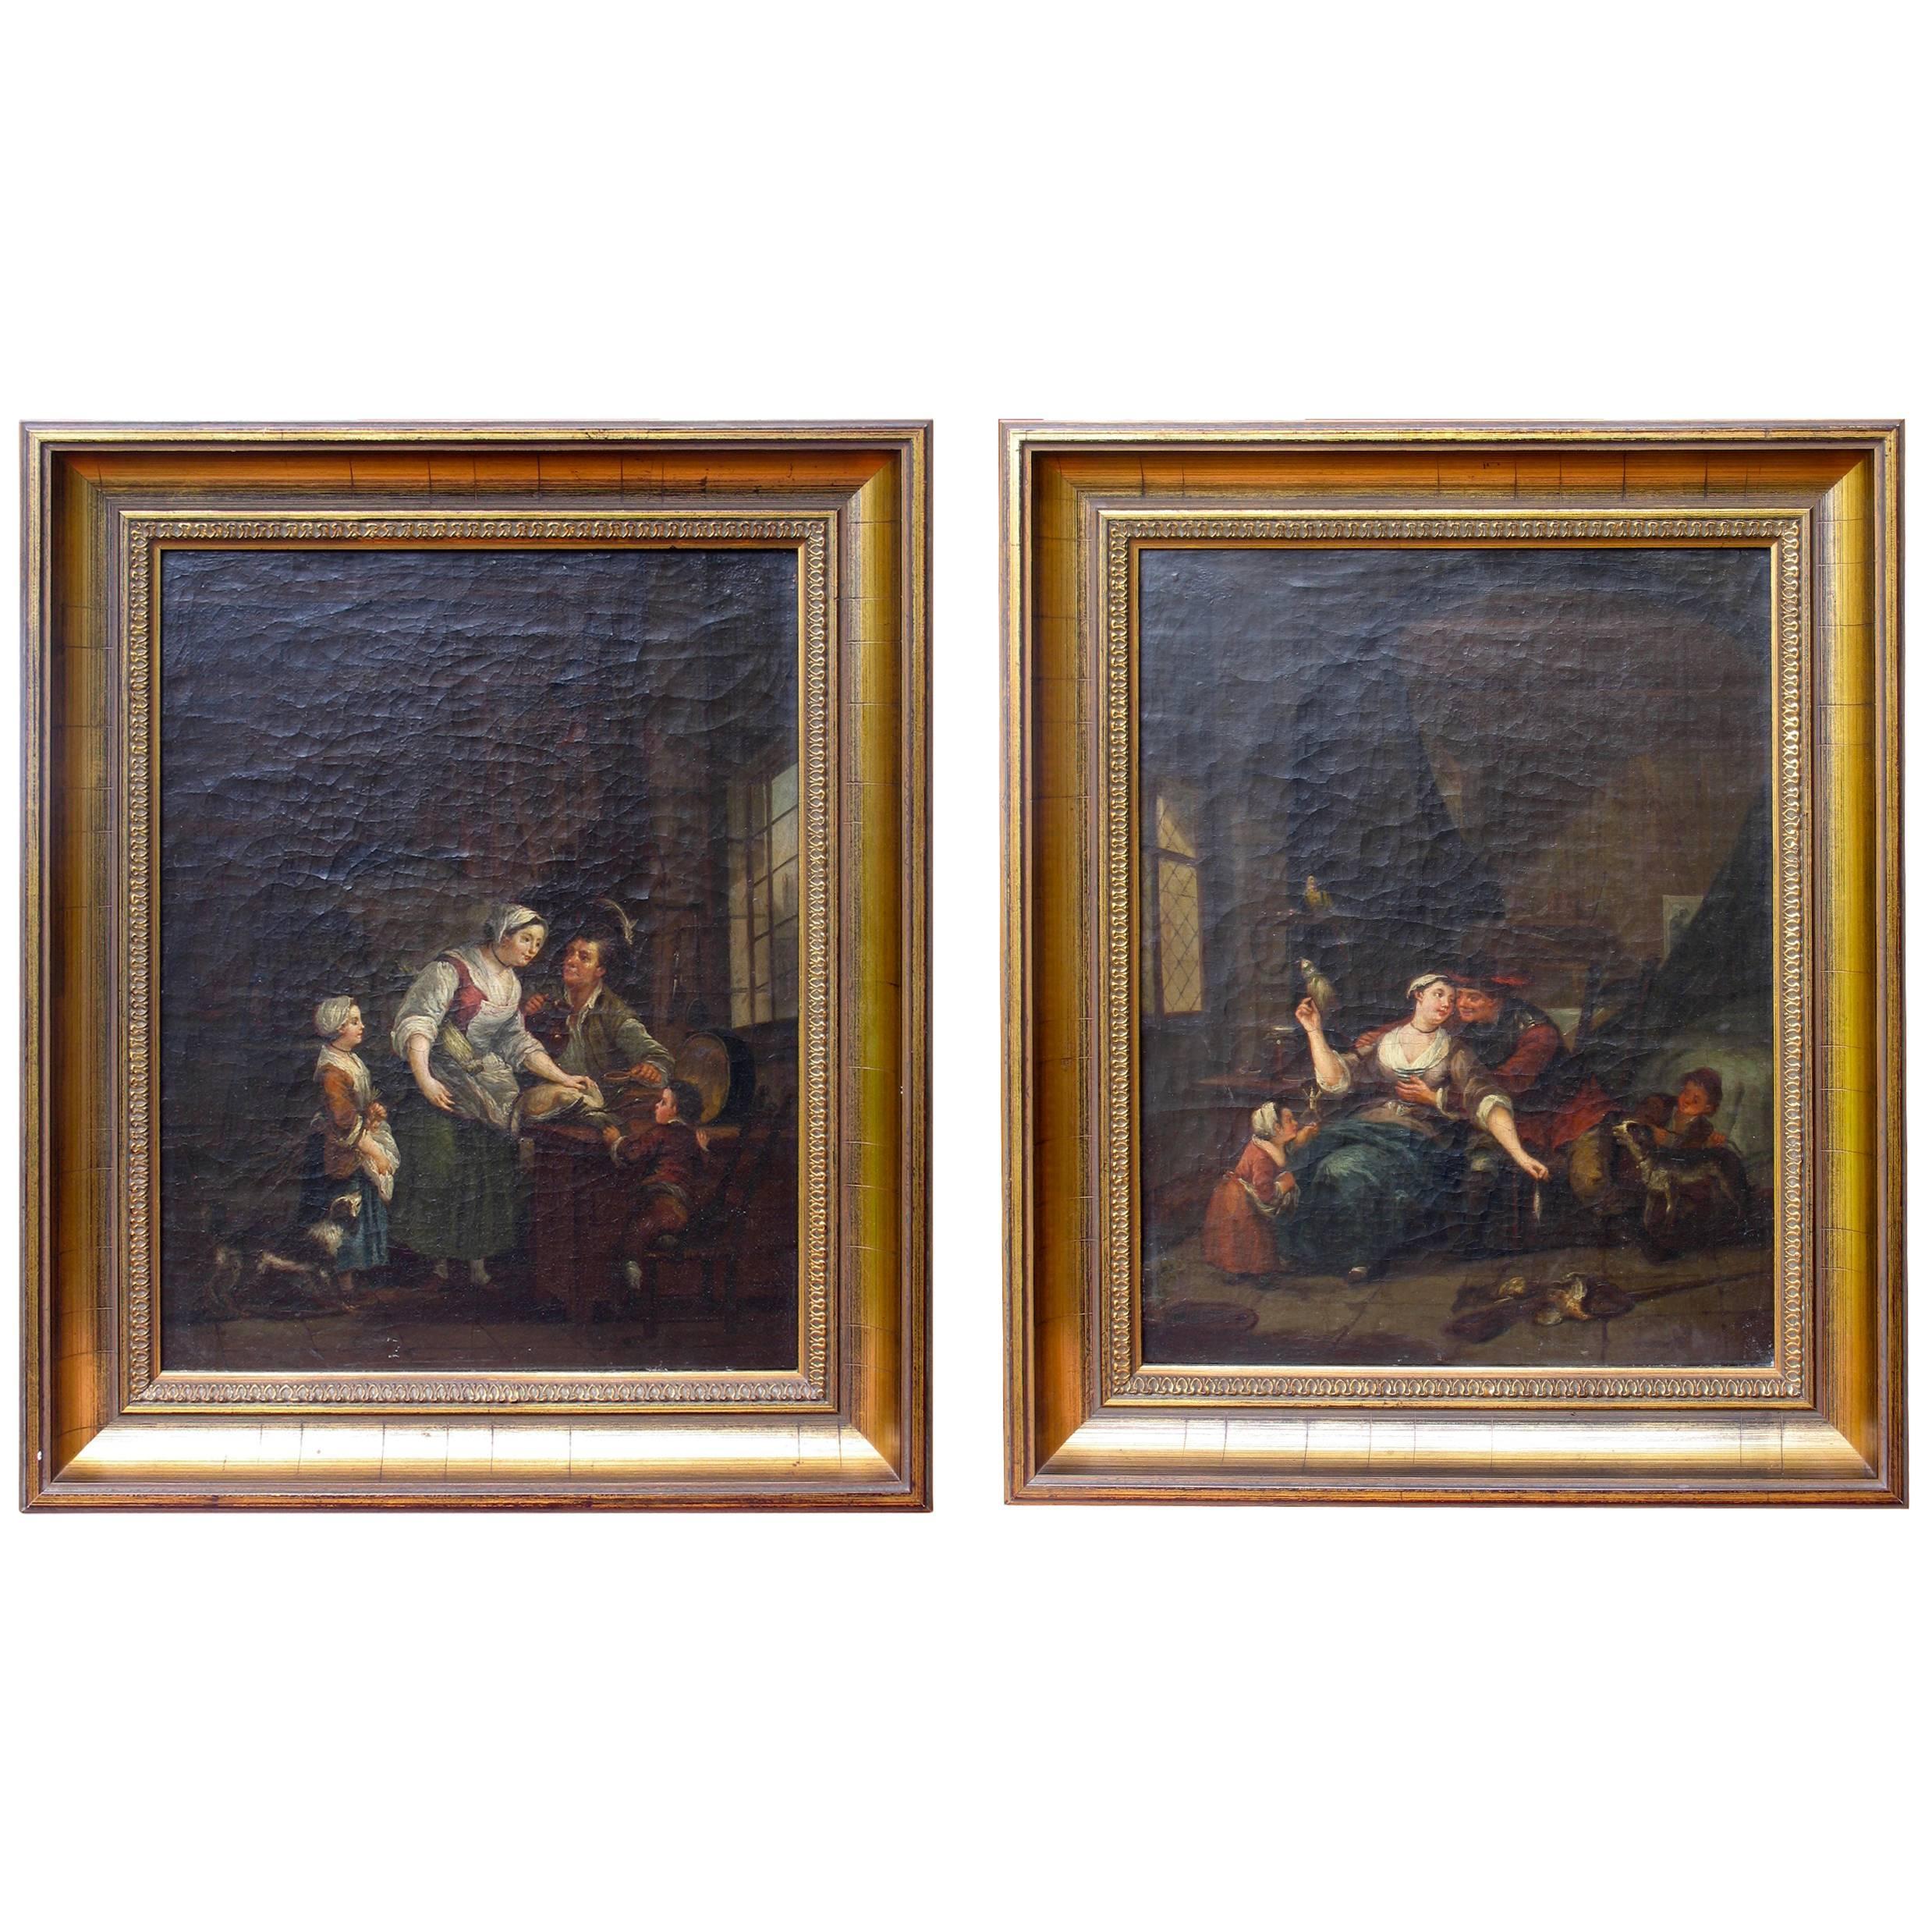 Pair of 18th Century Interiors